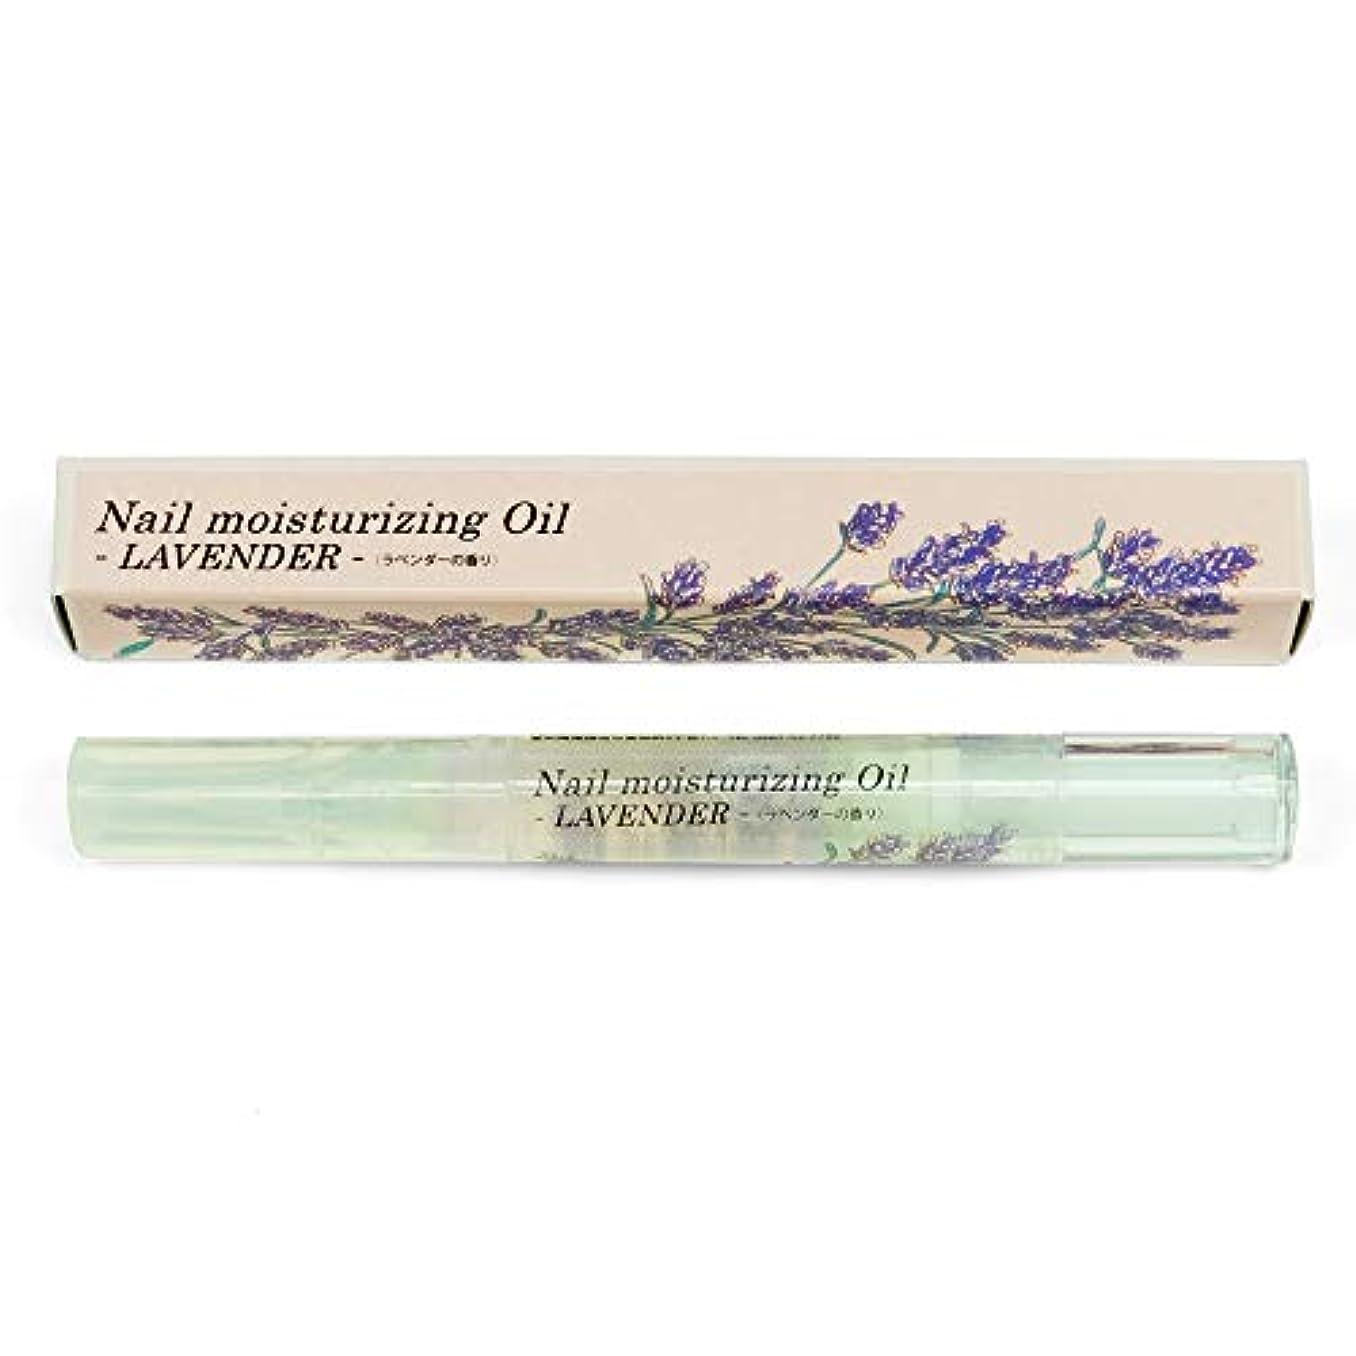 しつけ弾性チャームease Nail moisturizing Oil ネイルオイルペン(ラベンダーの香り) 2ml